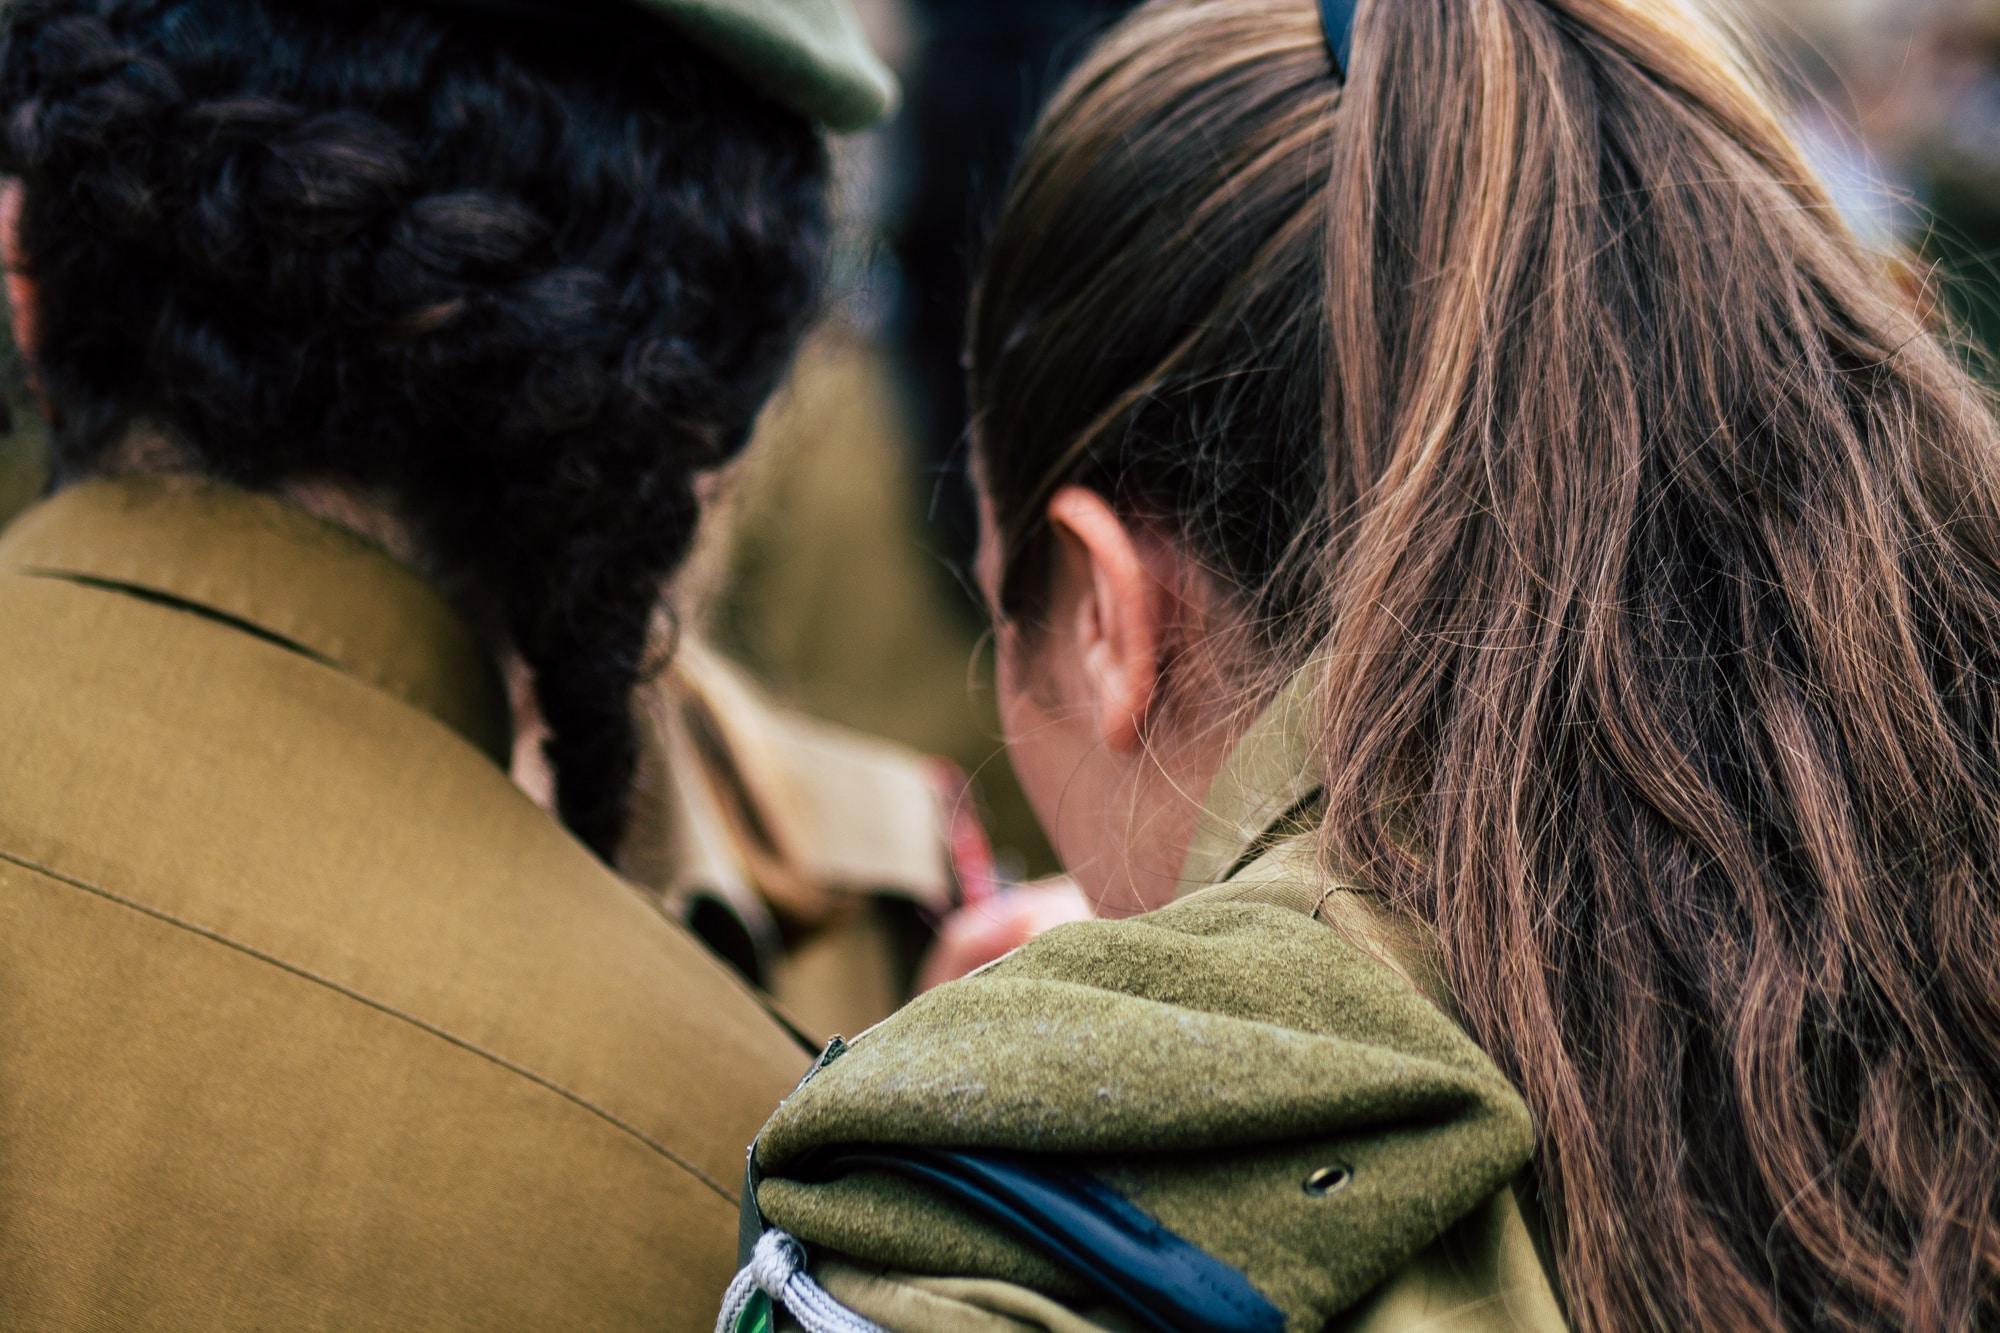 זיכוי קצין בכיר בצבא מאישומים בגין הטרדות מיניות של חיילות בבסיס בו שירת